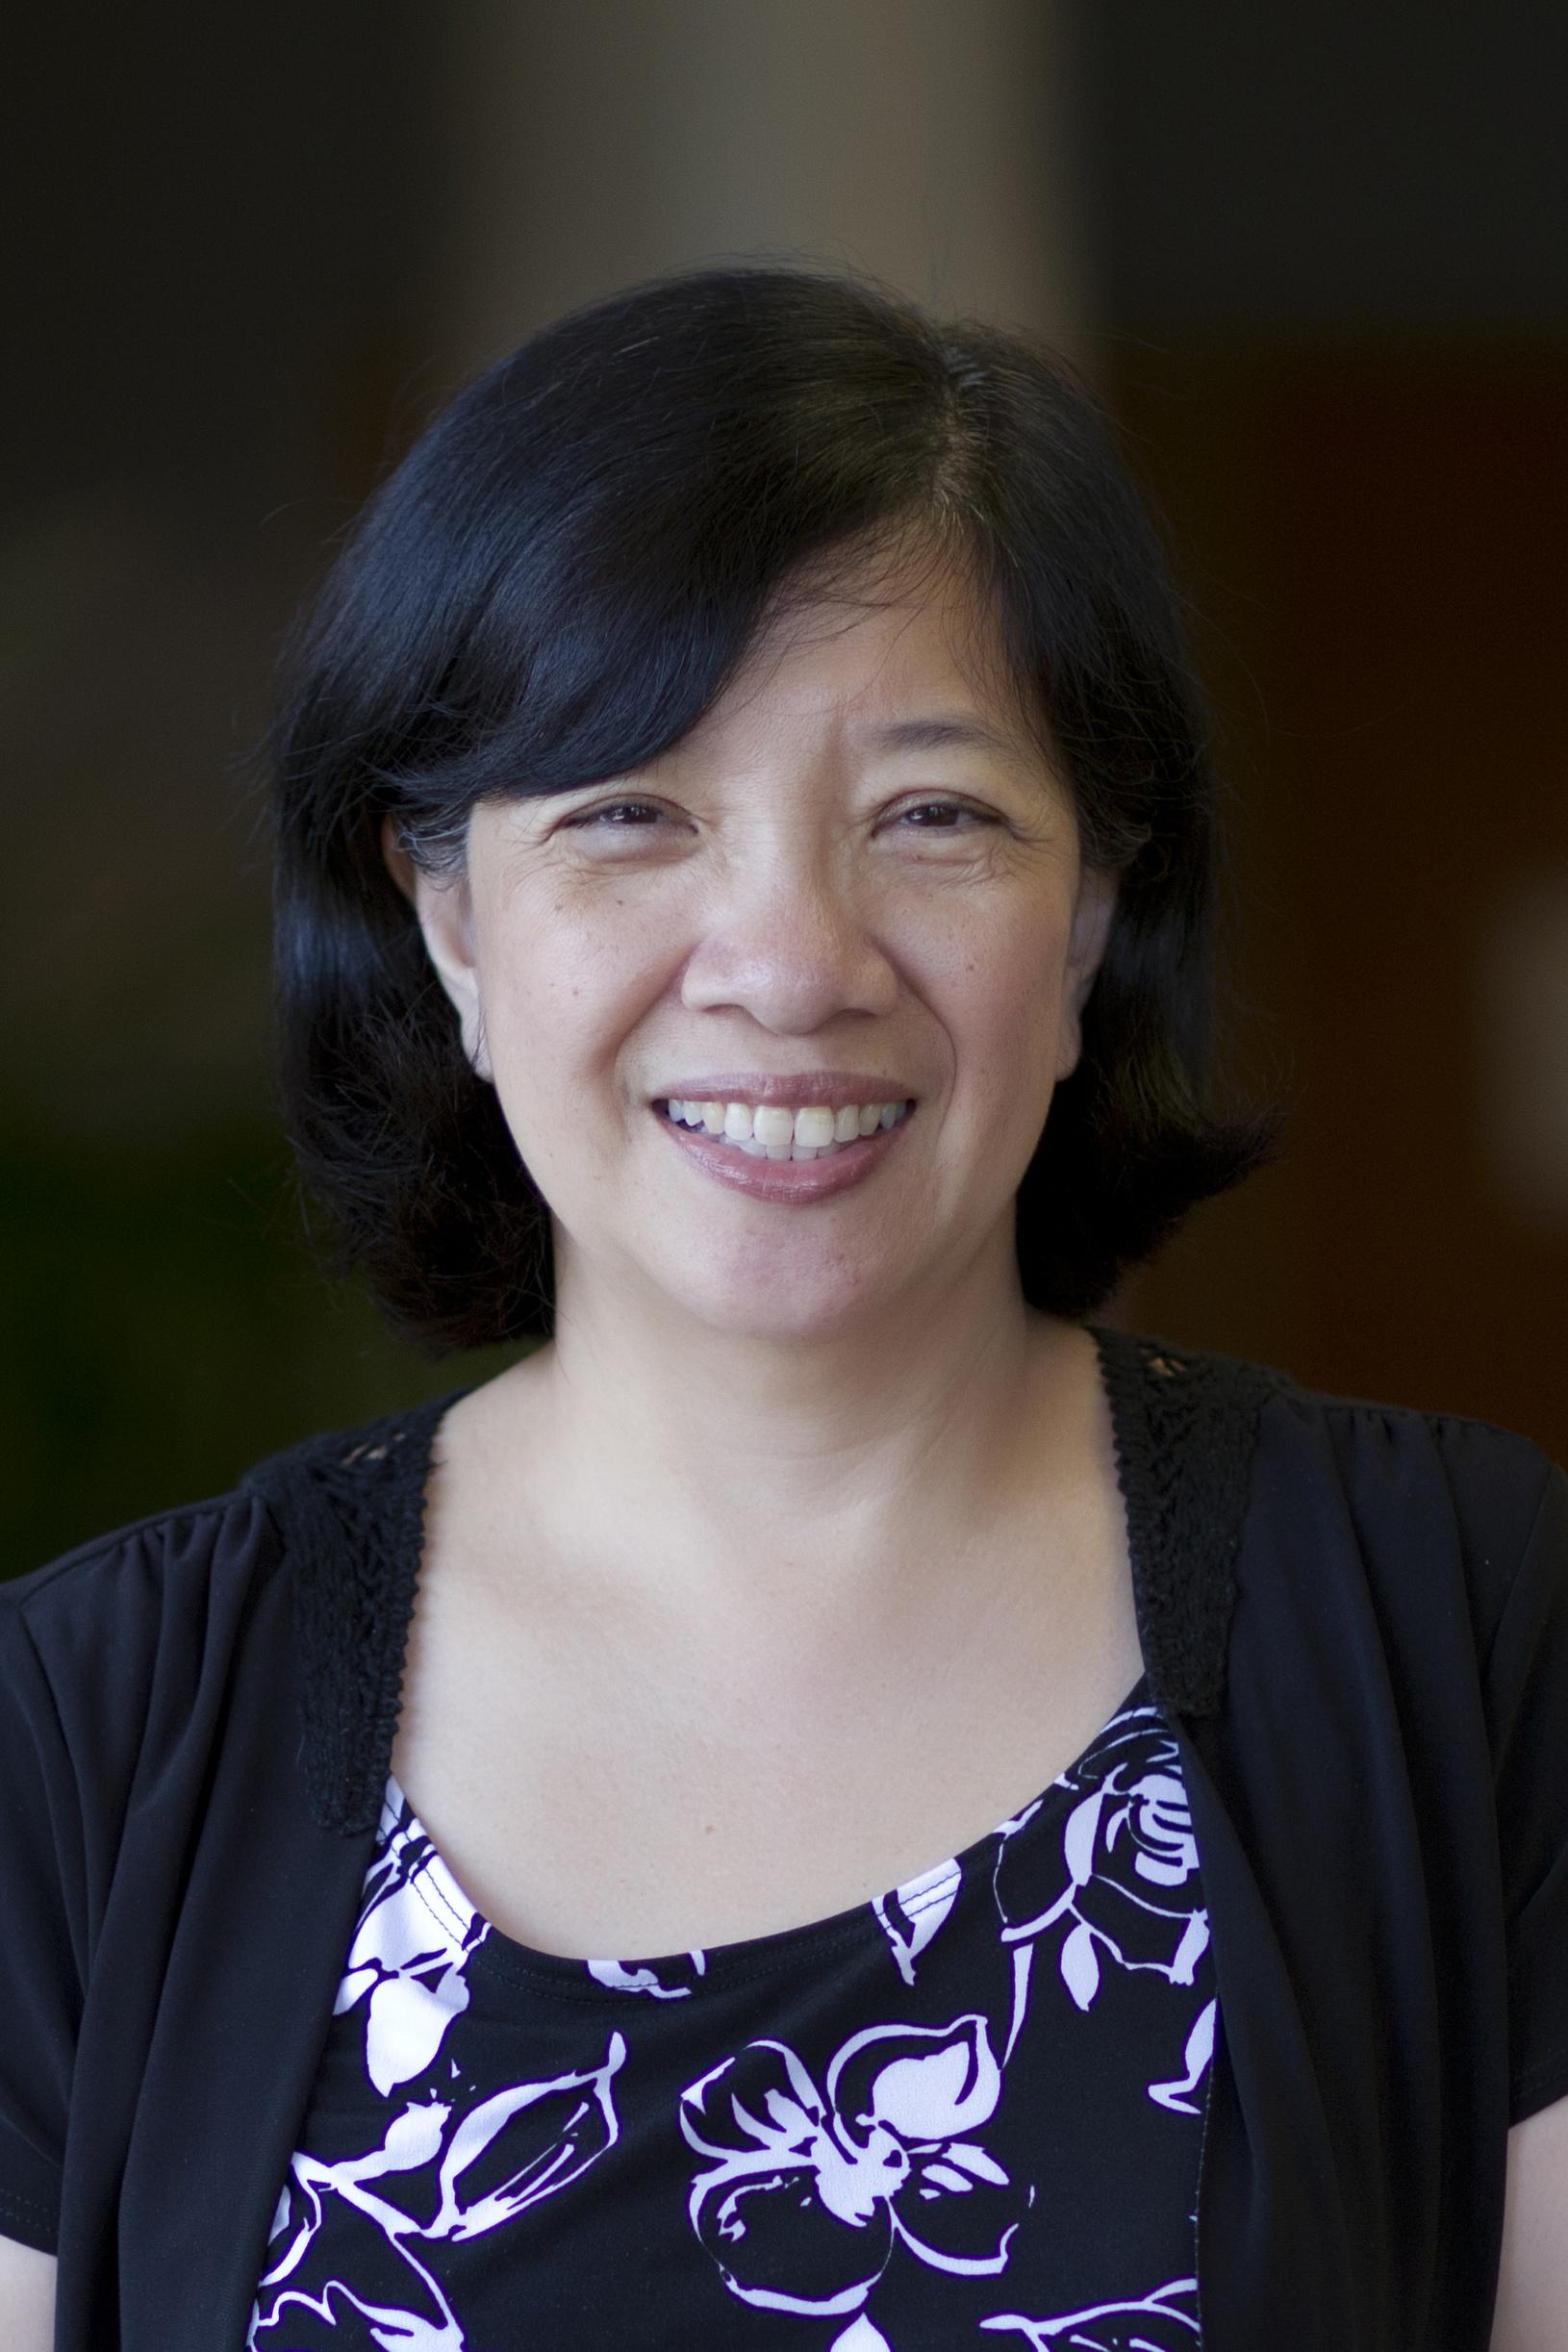 Headshot of Jenny Ting